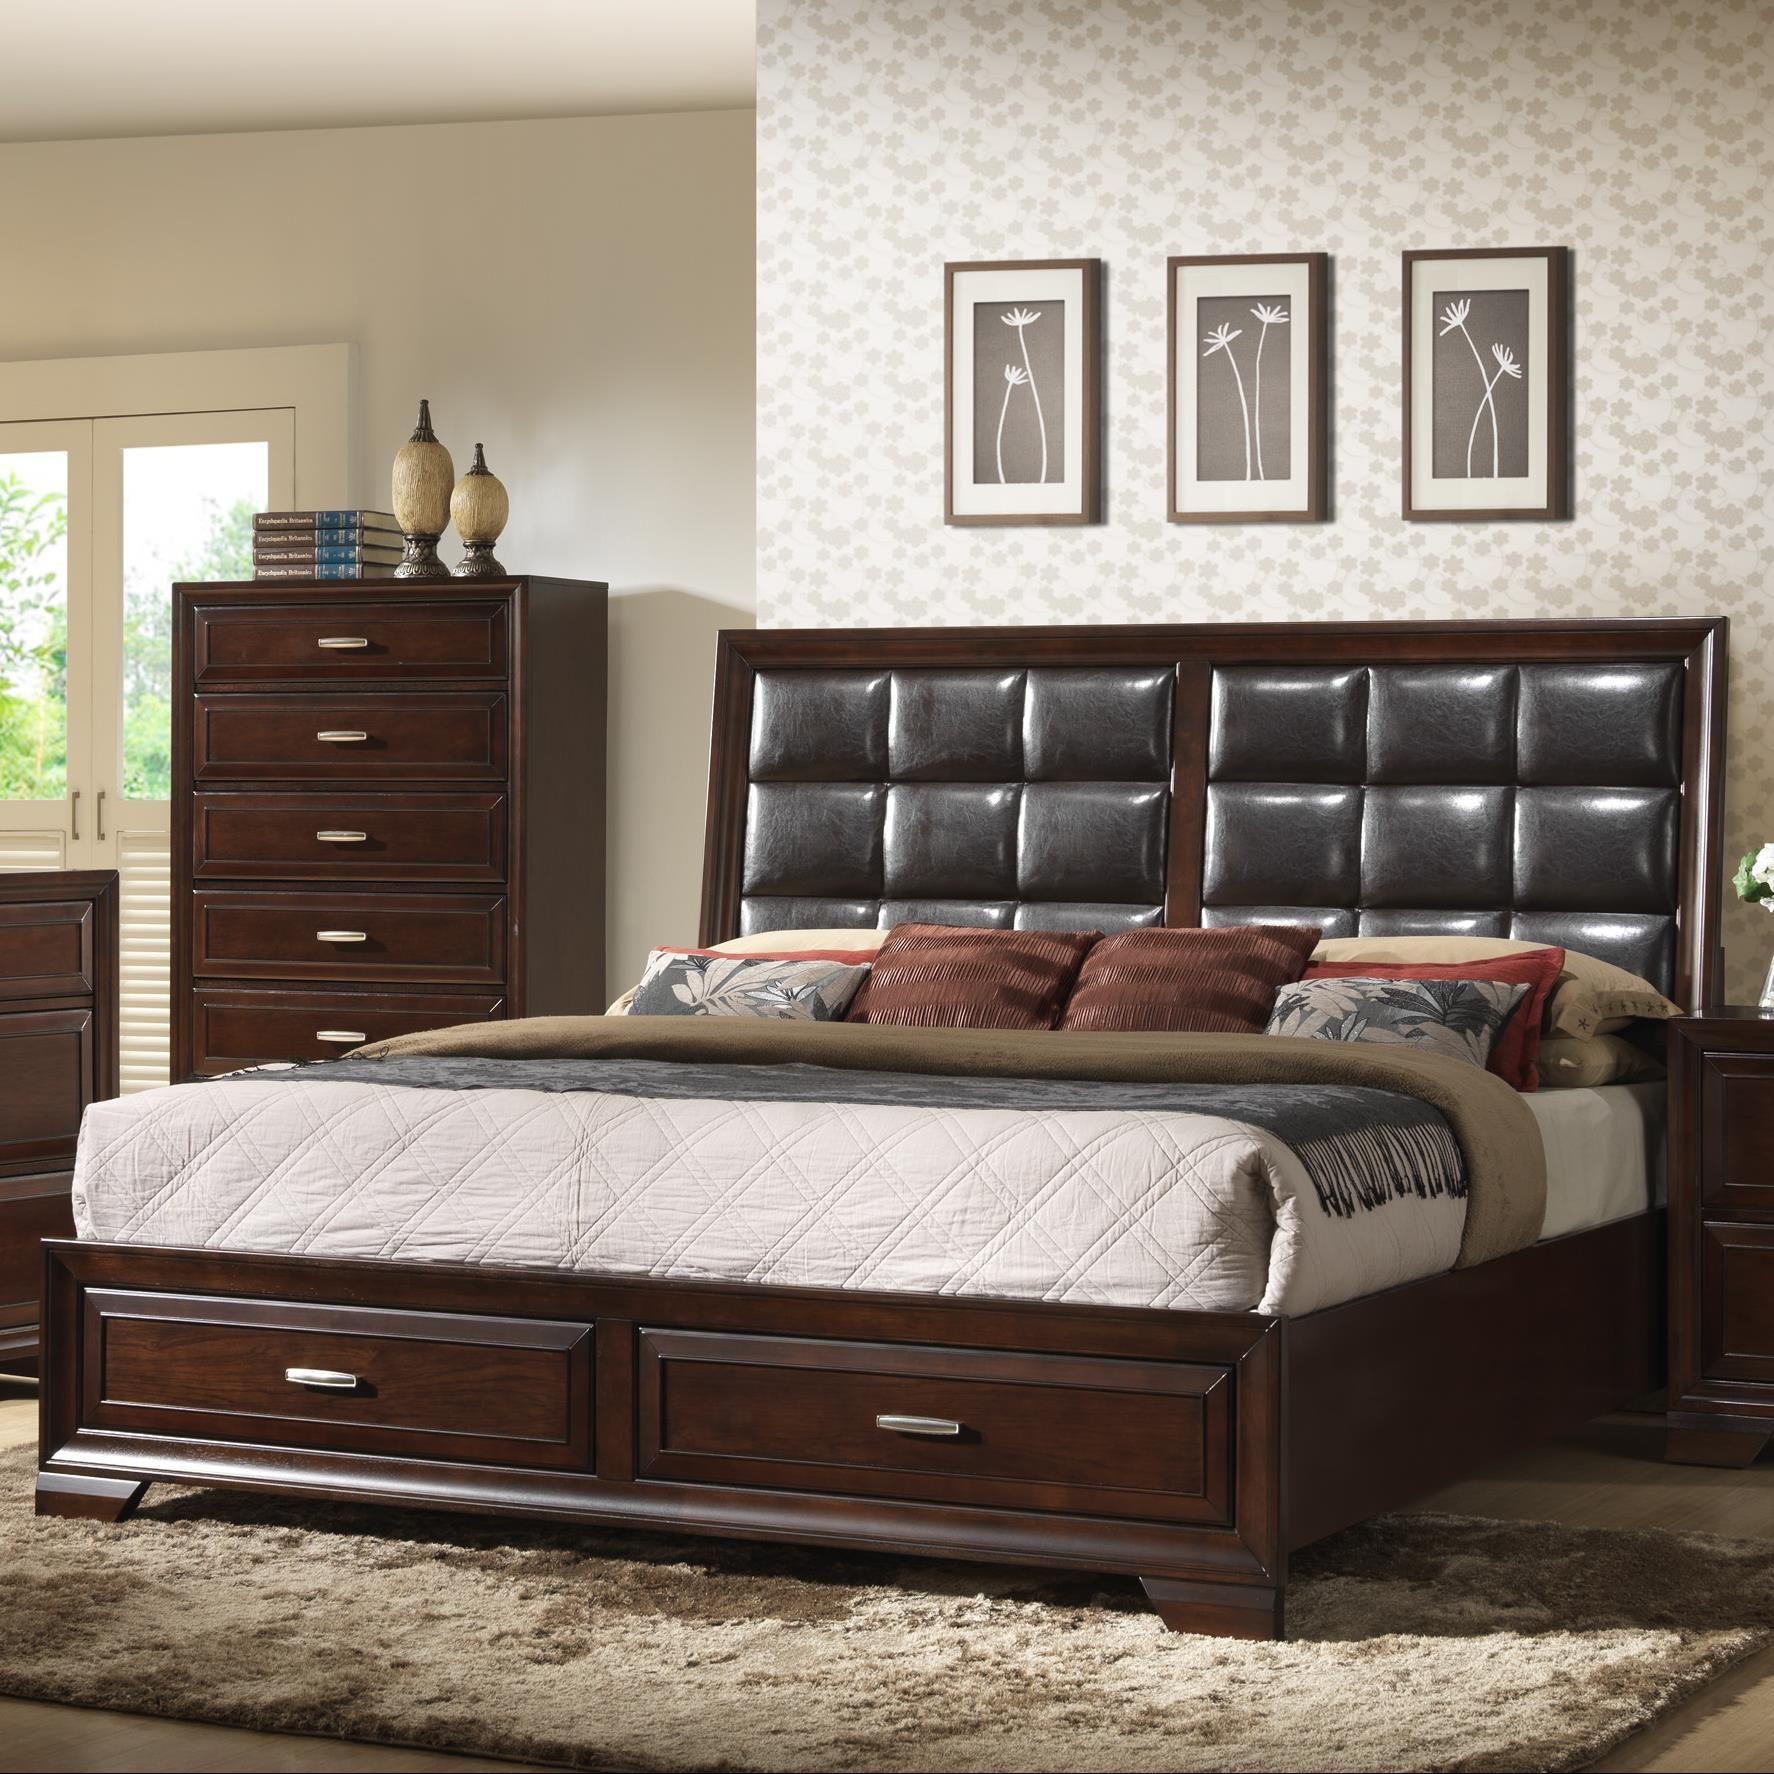 Jacob King Storage Bed By Crown Mark At Wayside Furniture King Bedroom Sets Bedroom Set Furniture